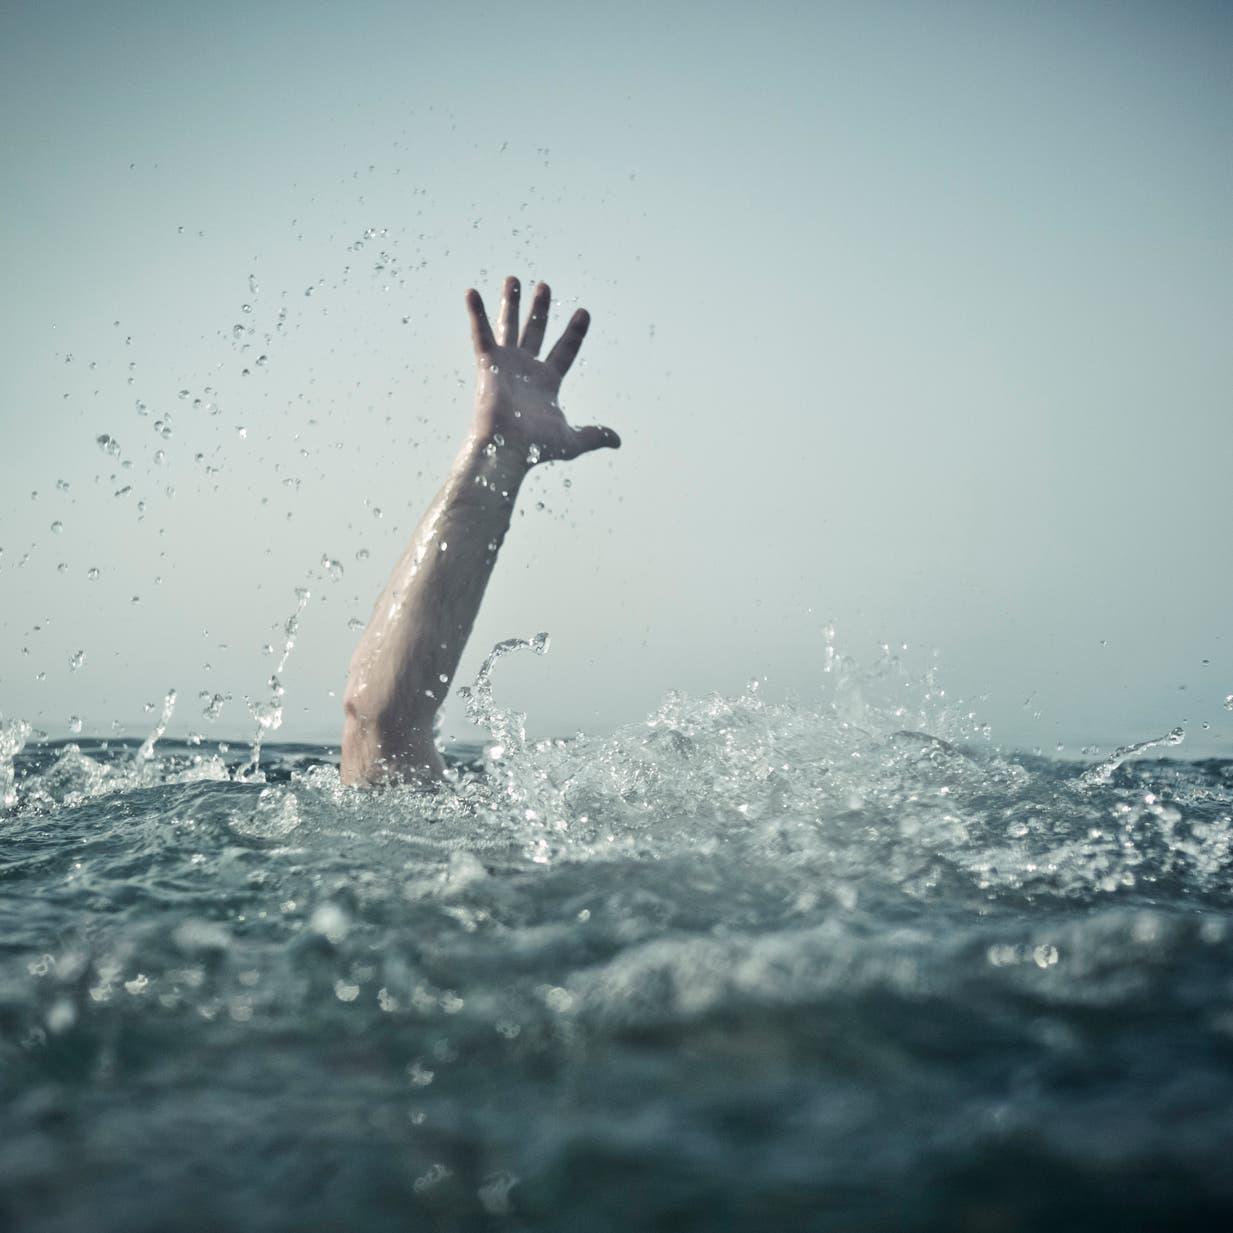 شرطي مصري من قوة الإنقاذ يبحث عن جثة بالمياه.. فغرق!